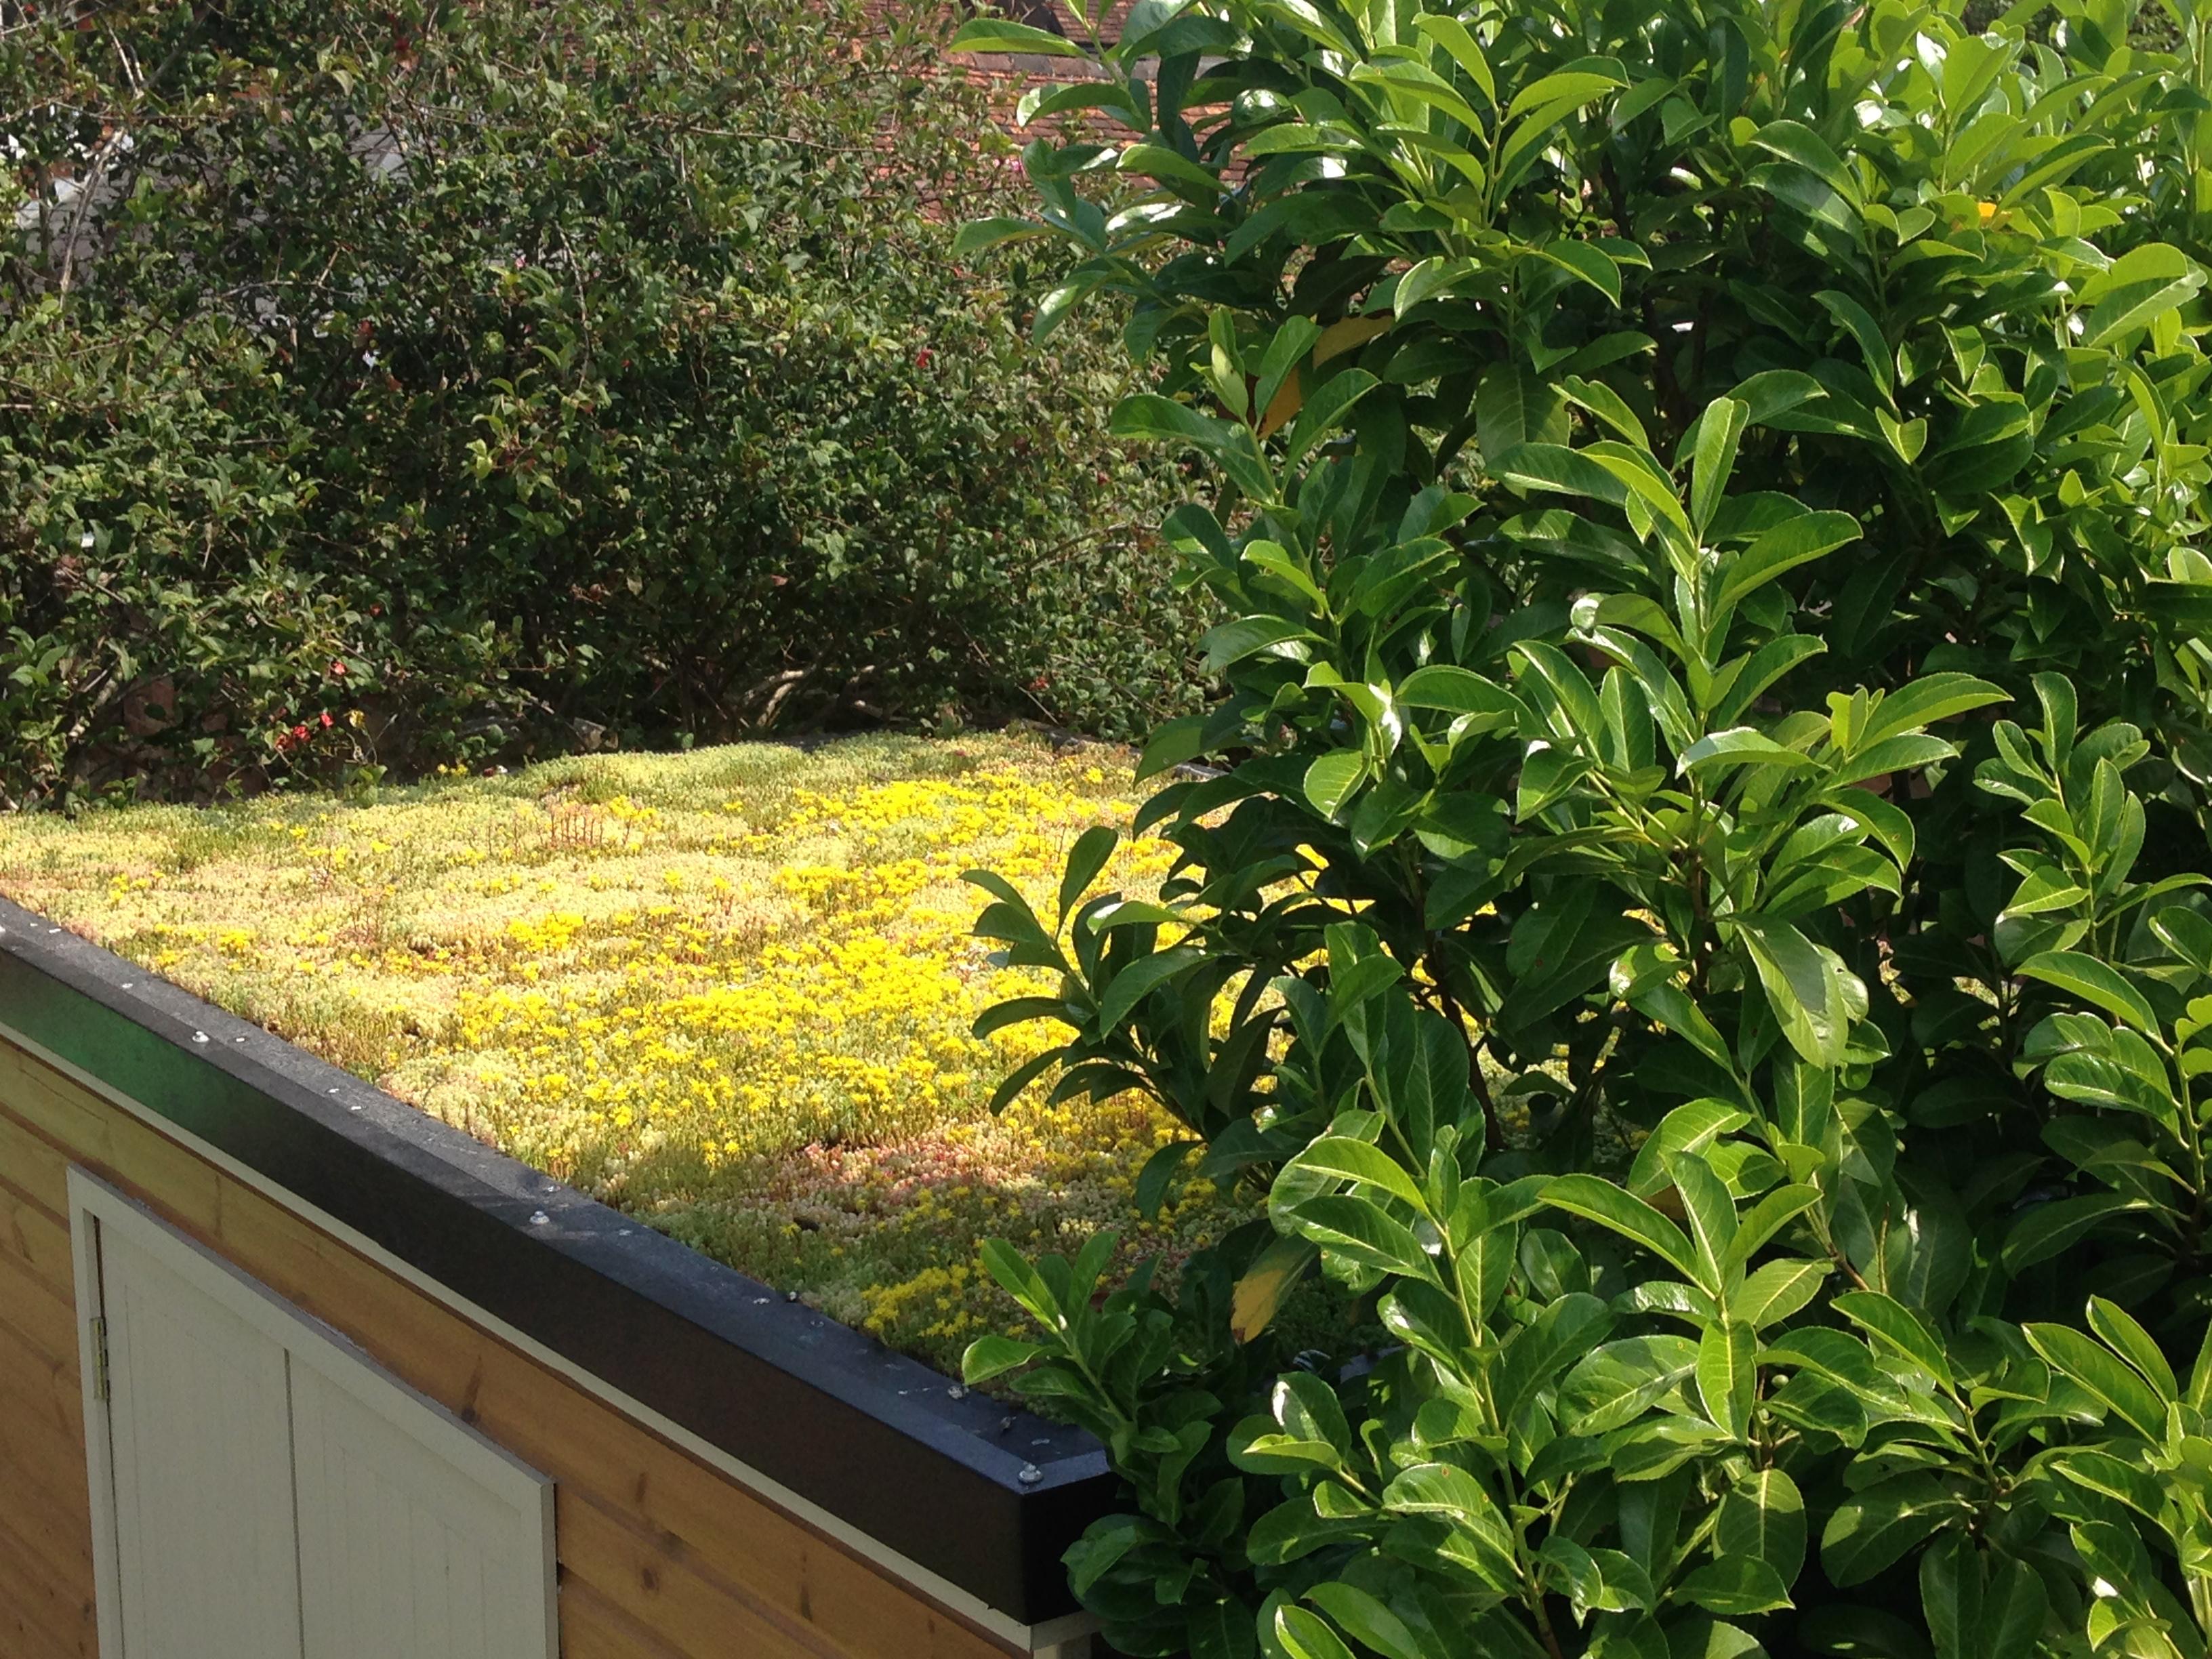 Green roof installed by Chiltern Garden Design